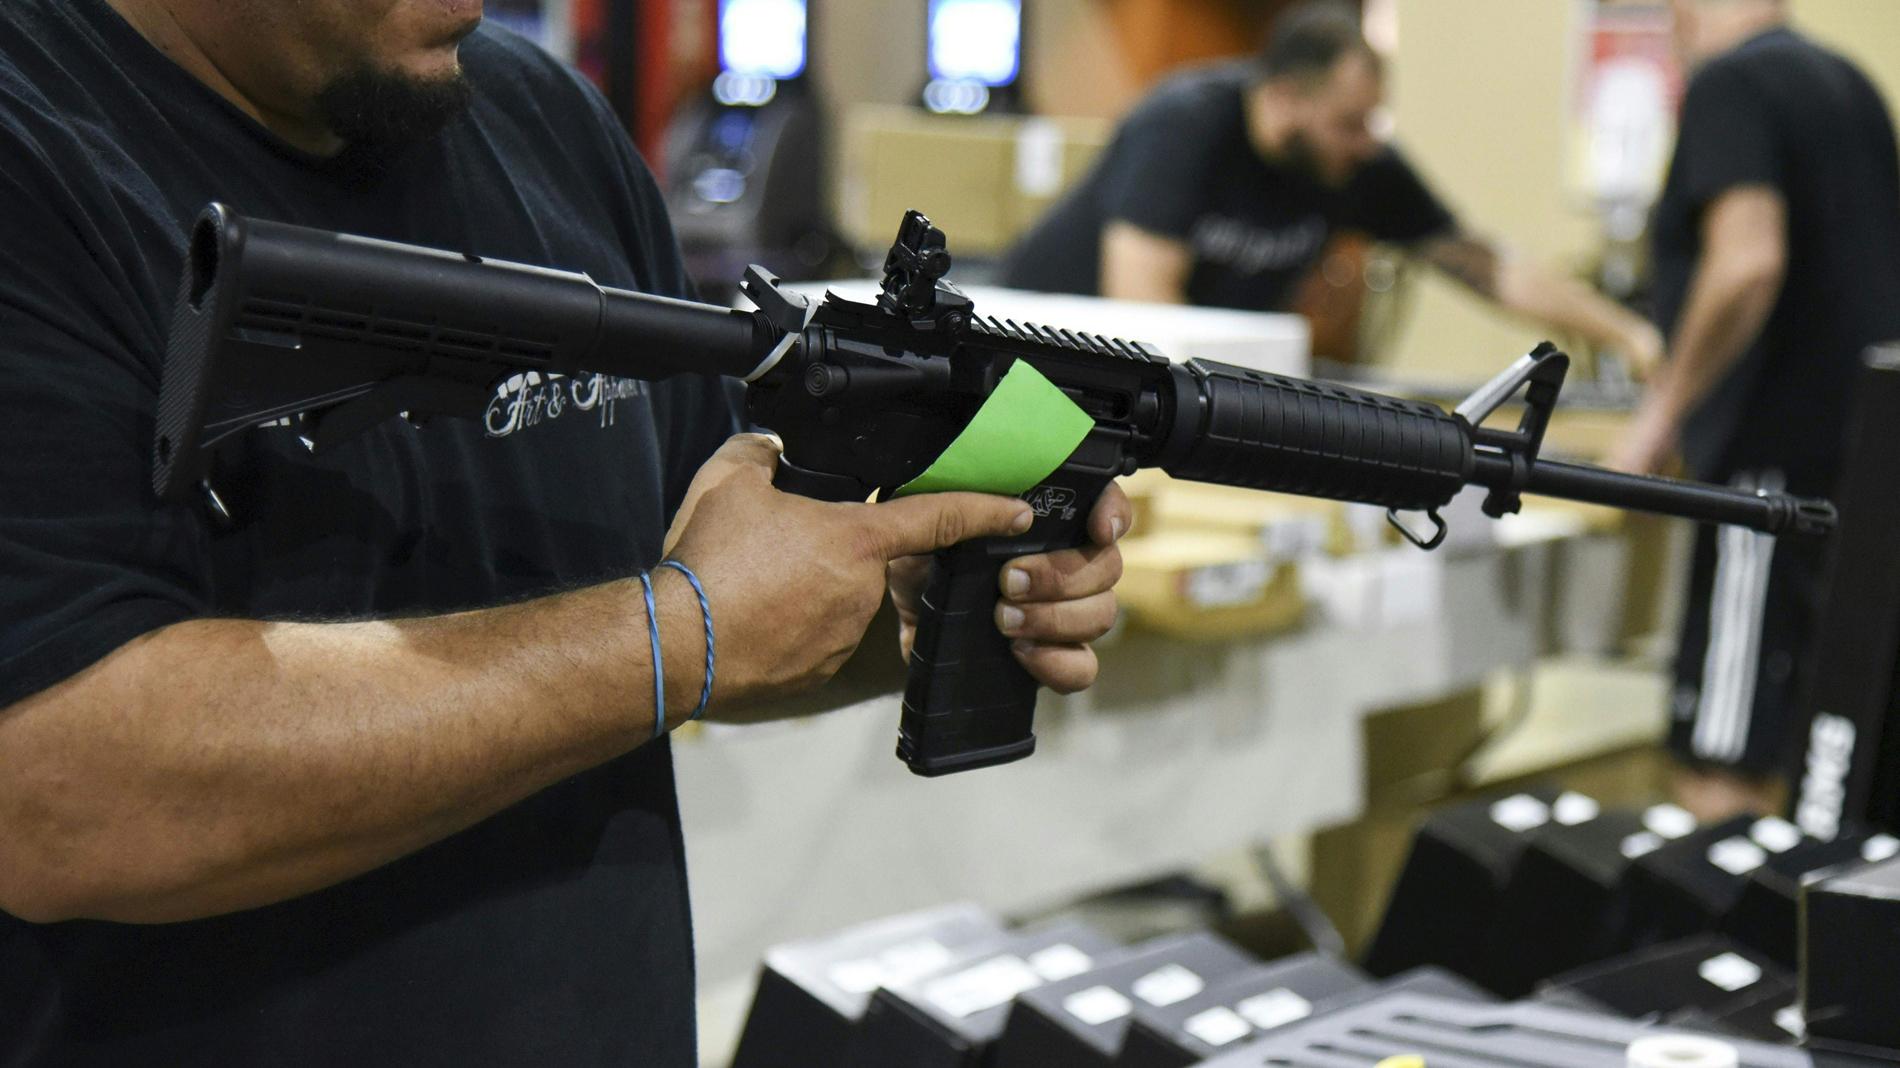 Se rifa fusil de asalto AR-15 para viaje escolar: EE.UU., entre la indignación y la afición a las armas